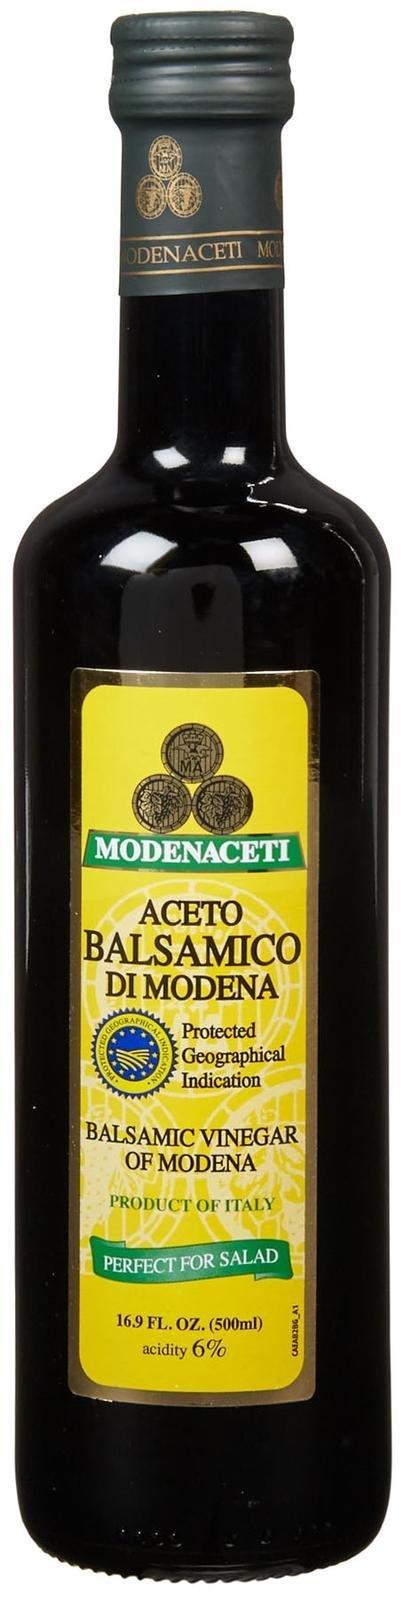 Modenaceti Classic Balsamic Vinegar of Modena, 16.9 oz